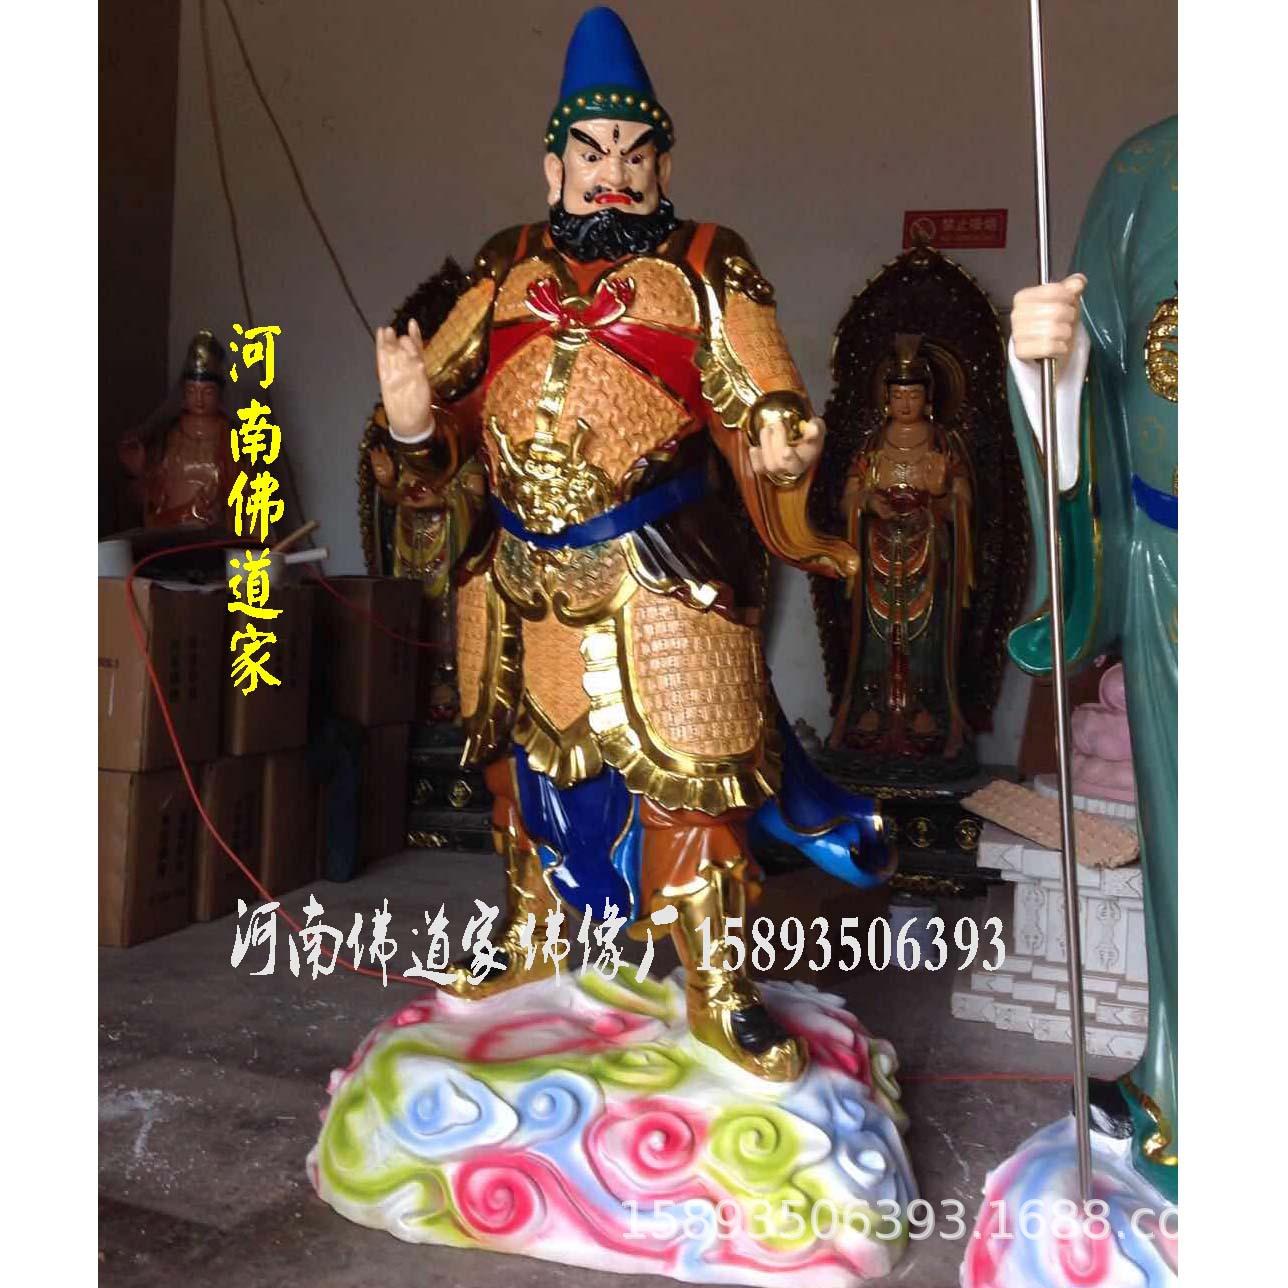 护法天神佛像 玻璃钢佛像 厂家销售 树脂佛像批发 四大金钢雕塑示例图2